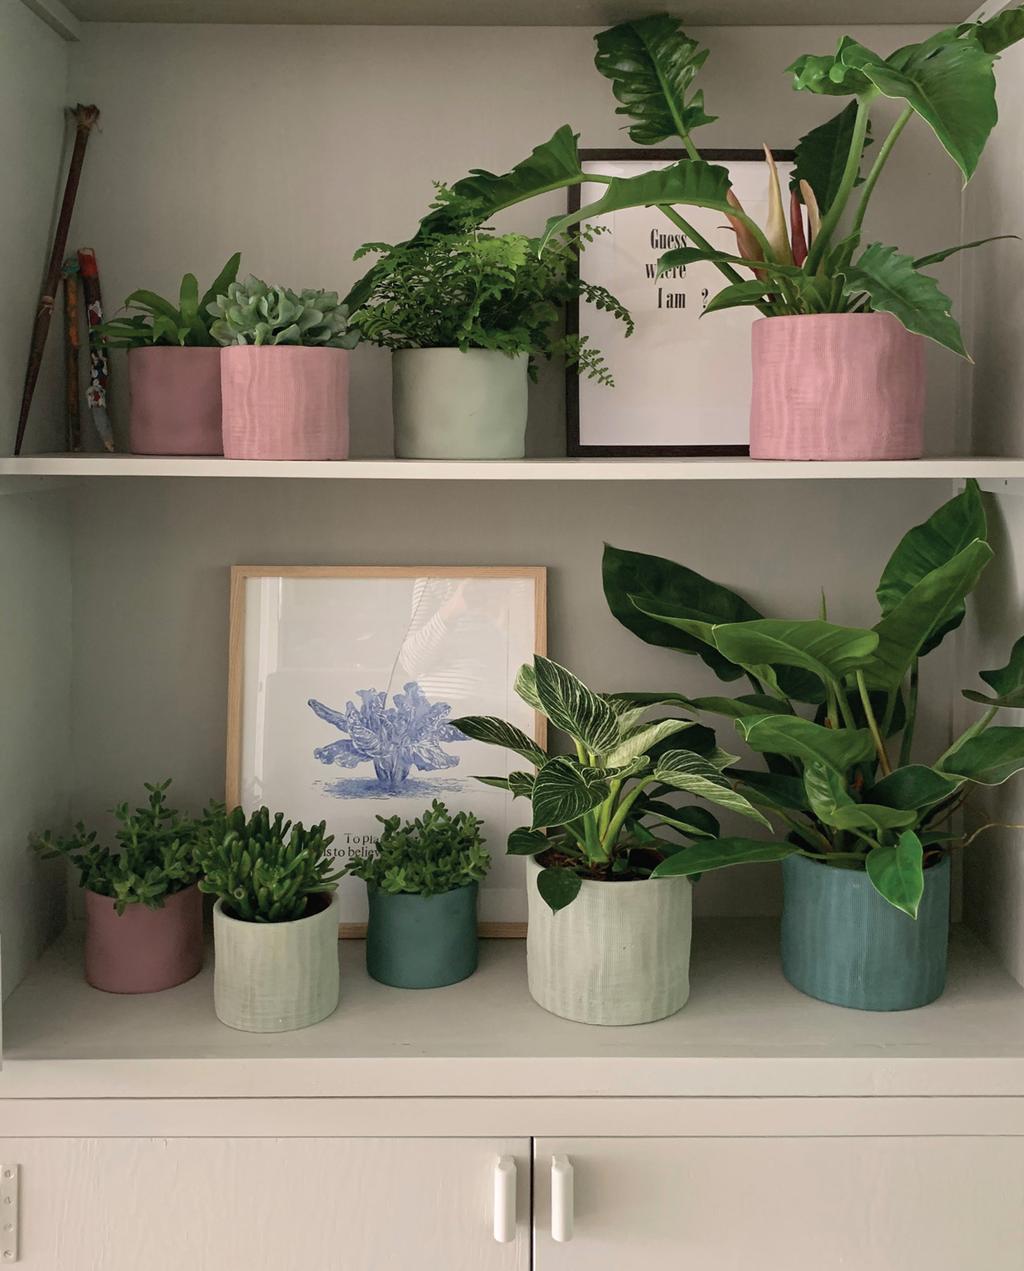 roze en blauwe potten kamerplanten